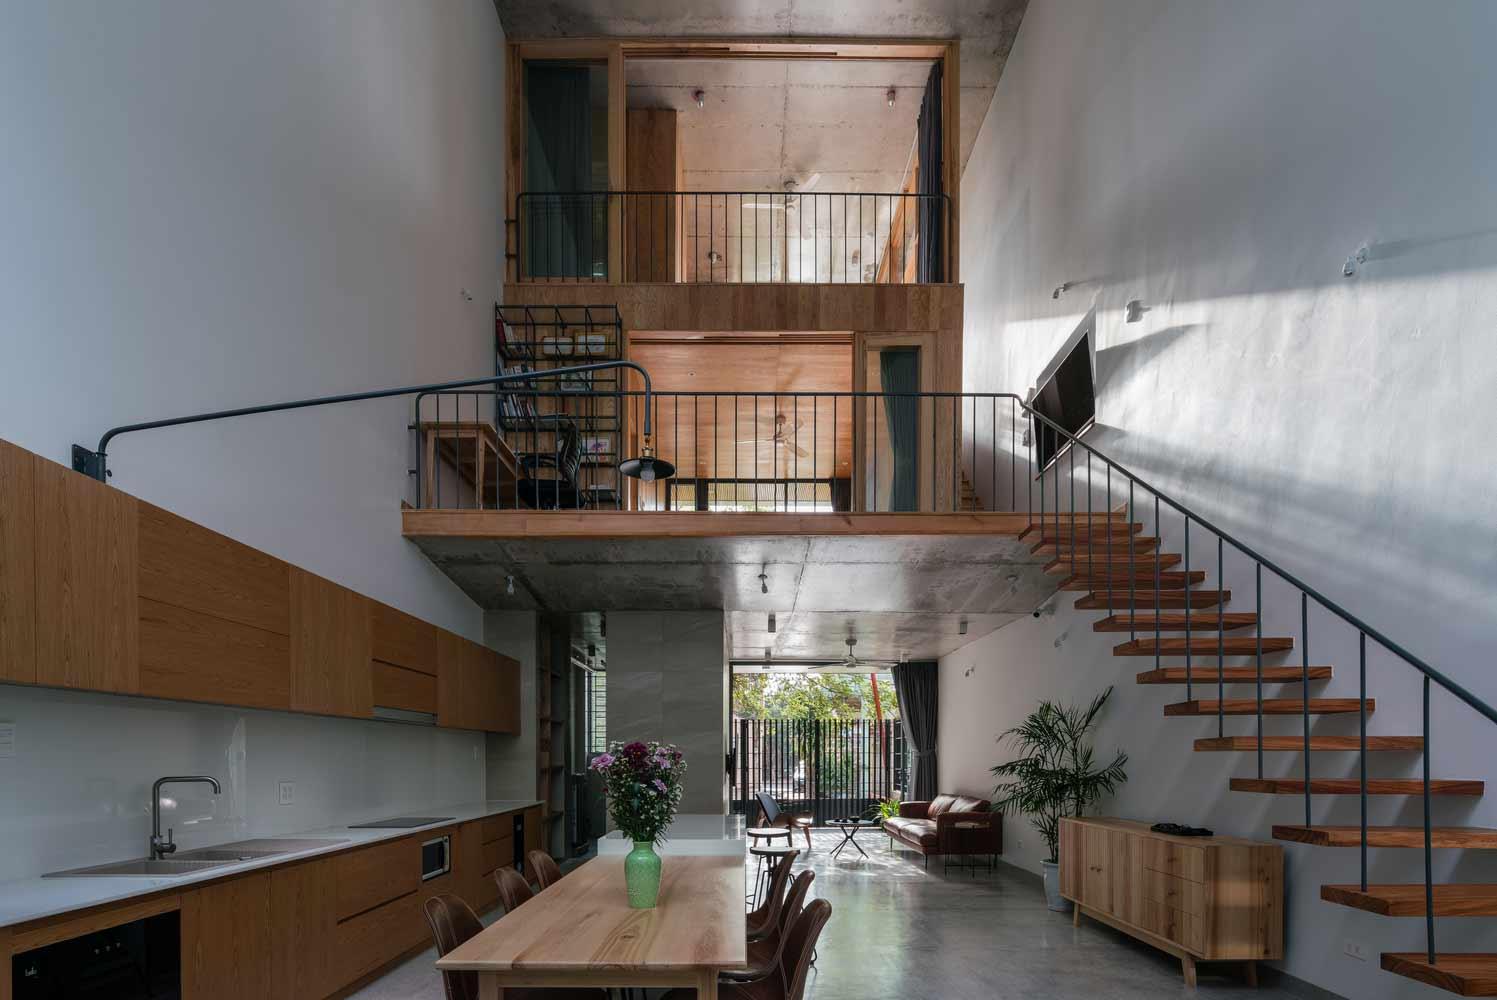 Interior rumah tropis minimalis yang menggunakan banyak struktur kayu, karya H.a Workshop // archdaily.com